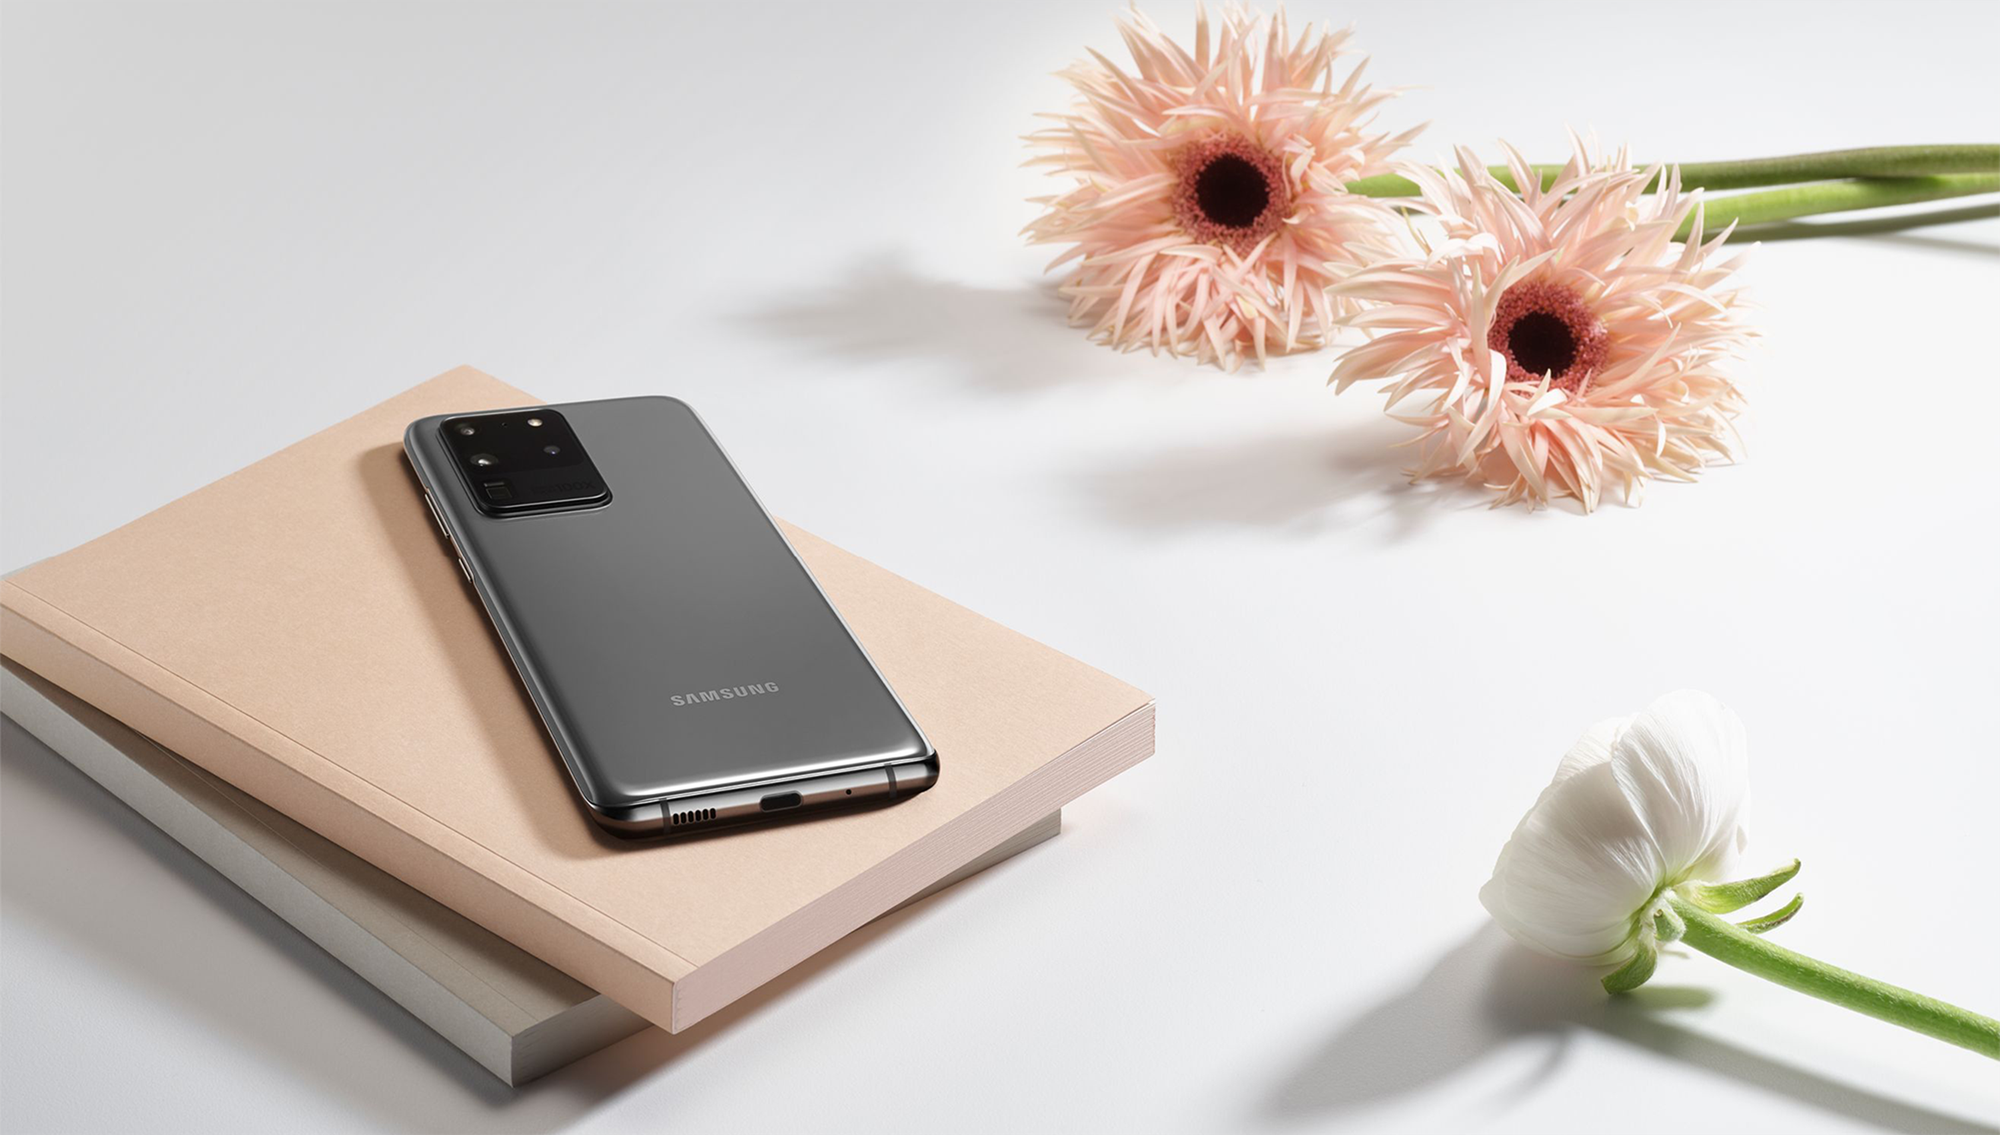 Sau 10 năm dẫn lối thành công, Galaxy S20 series sẽ đánh dấu kỷ nguyên mới của điện thoại - Ảnh 12.